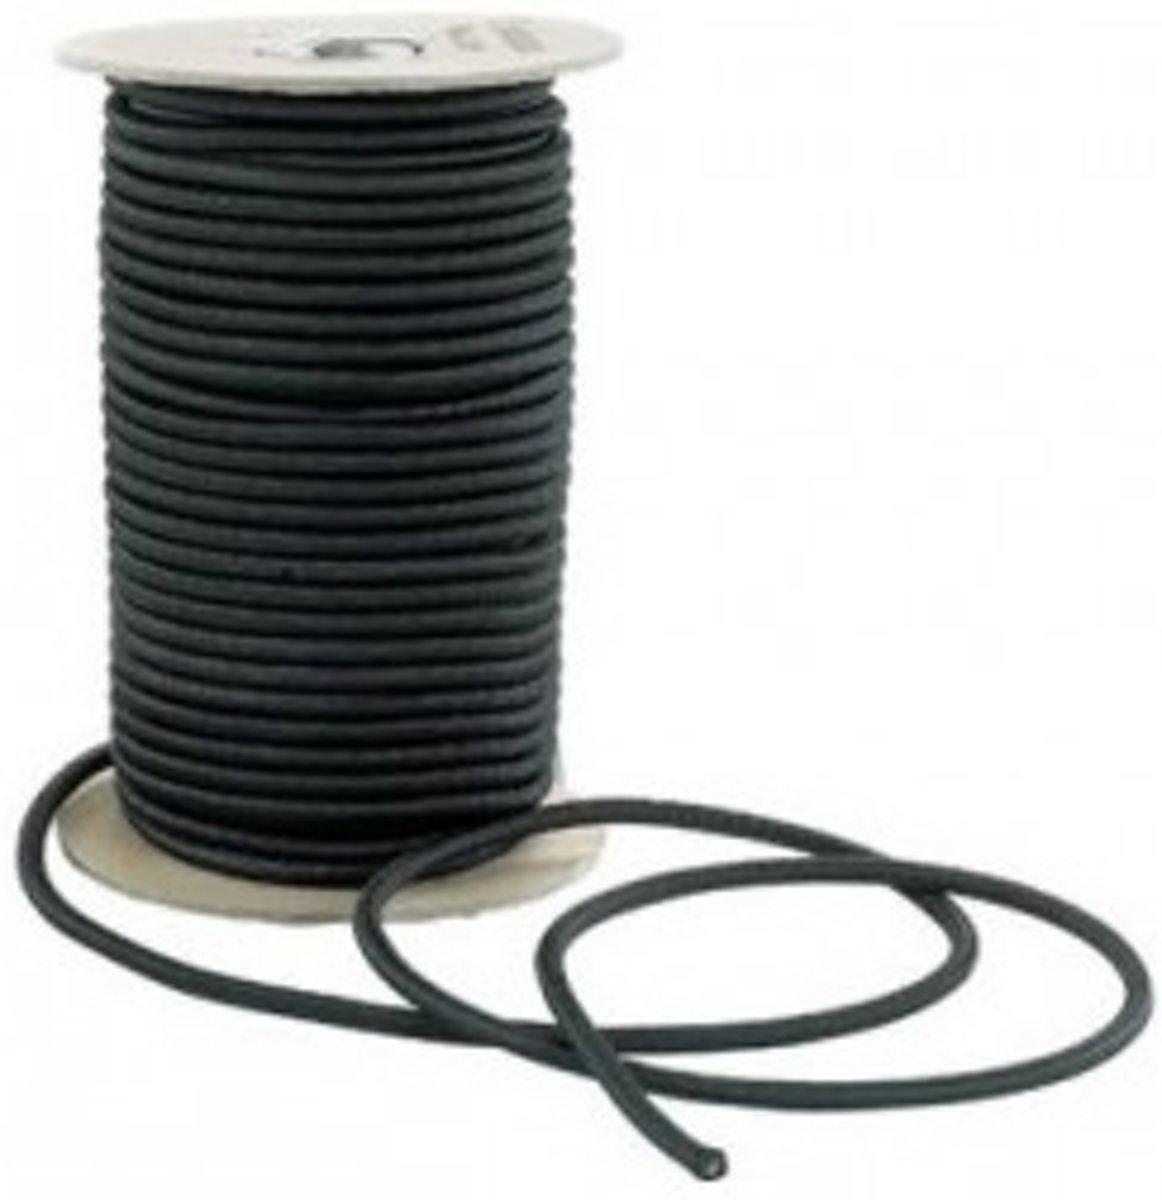 100 meter Elastisch Touw - 10mm - ZWART - elastiek op rol kopen